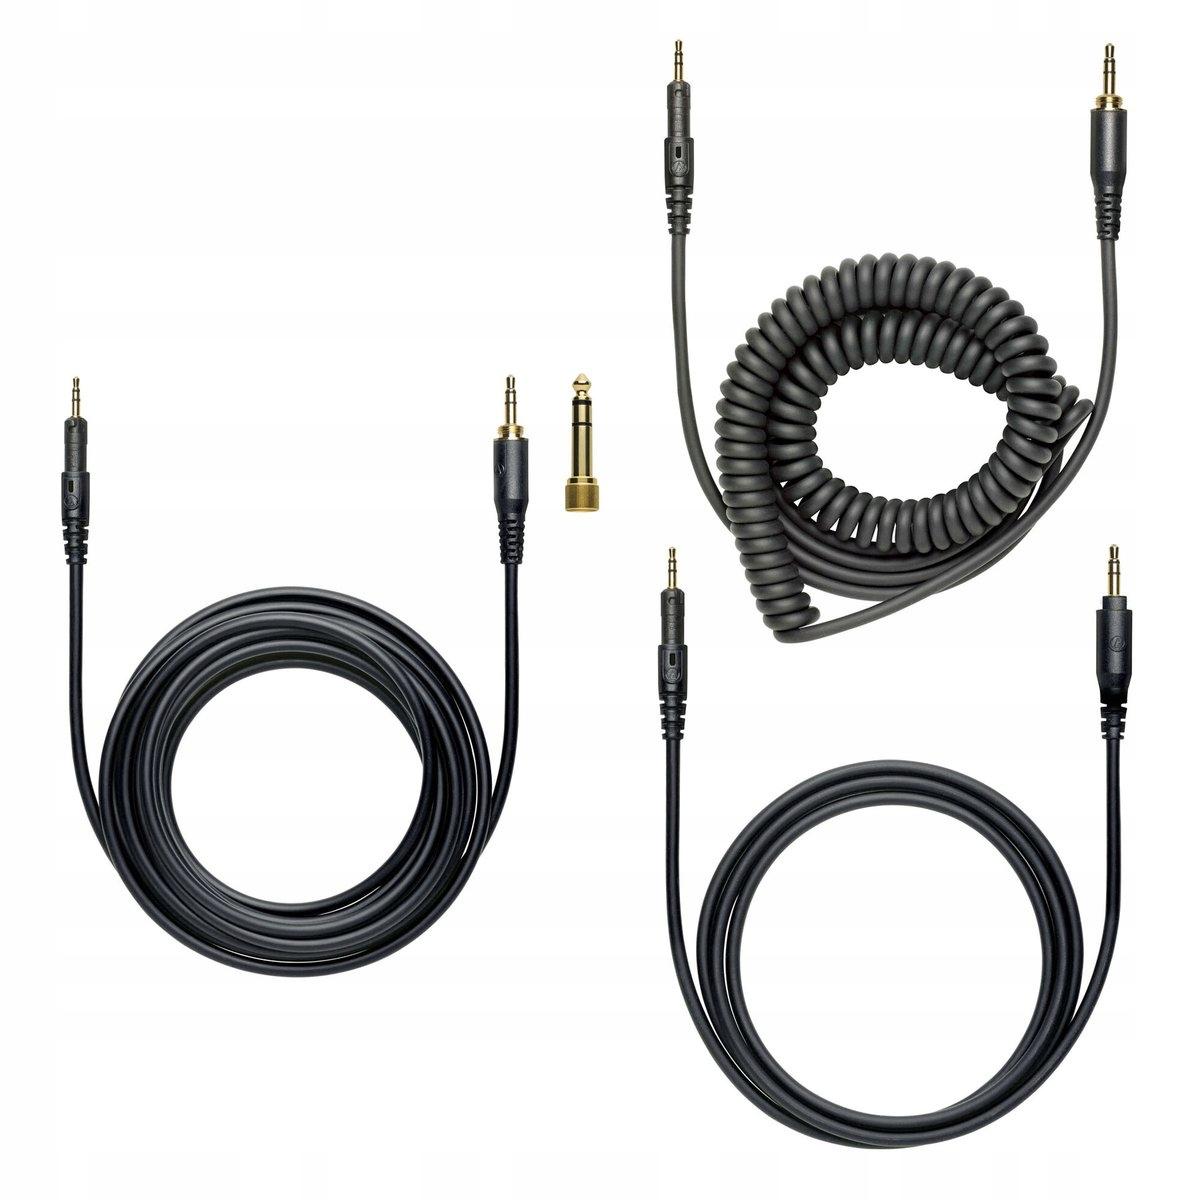 AUDIO-TECHNICA ATH-M50X Słuchawki zamknięte + AKC Materiał tworzywo sztuczne